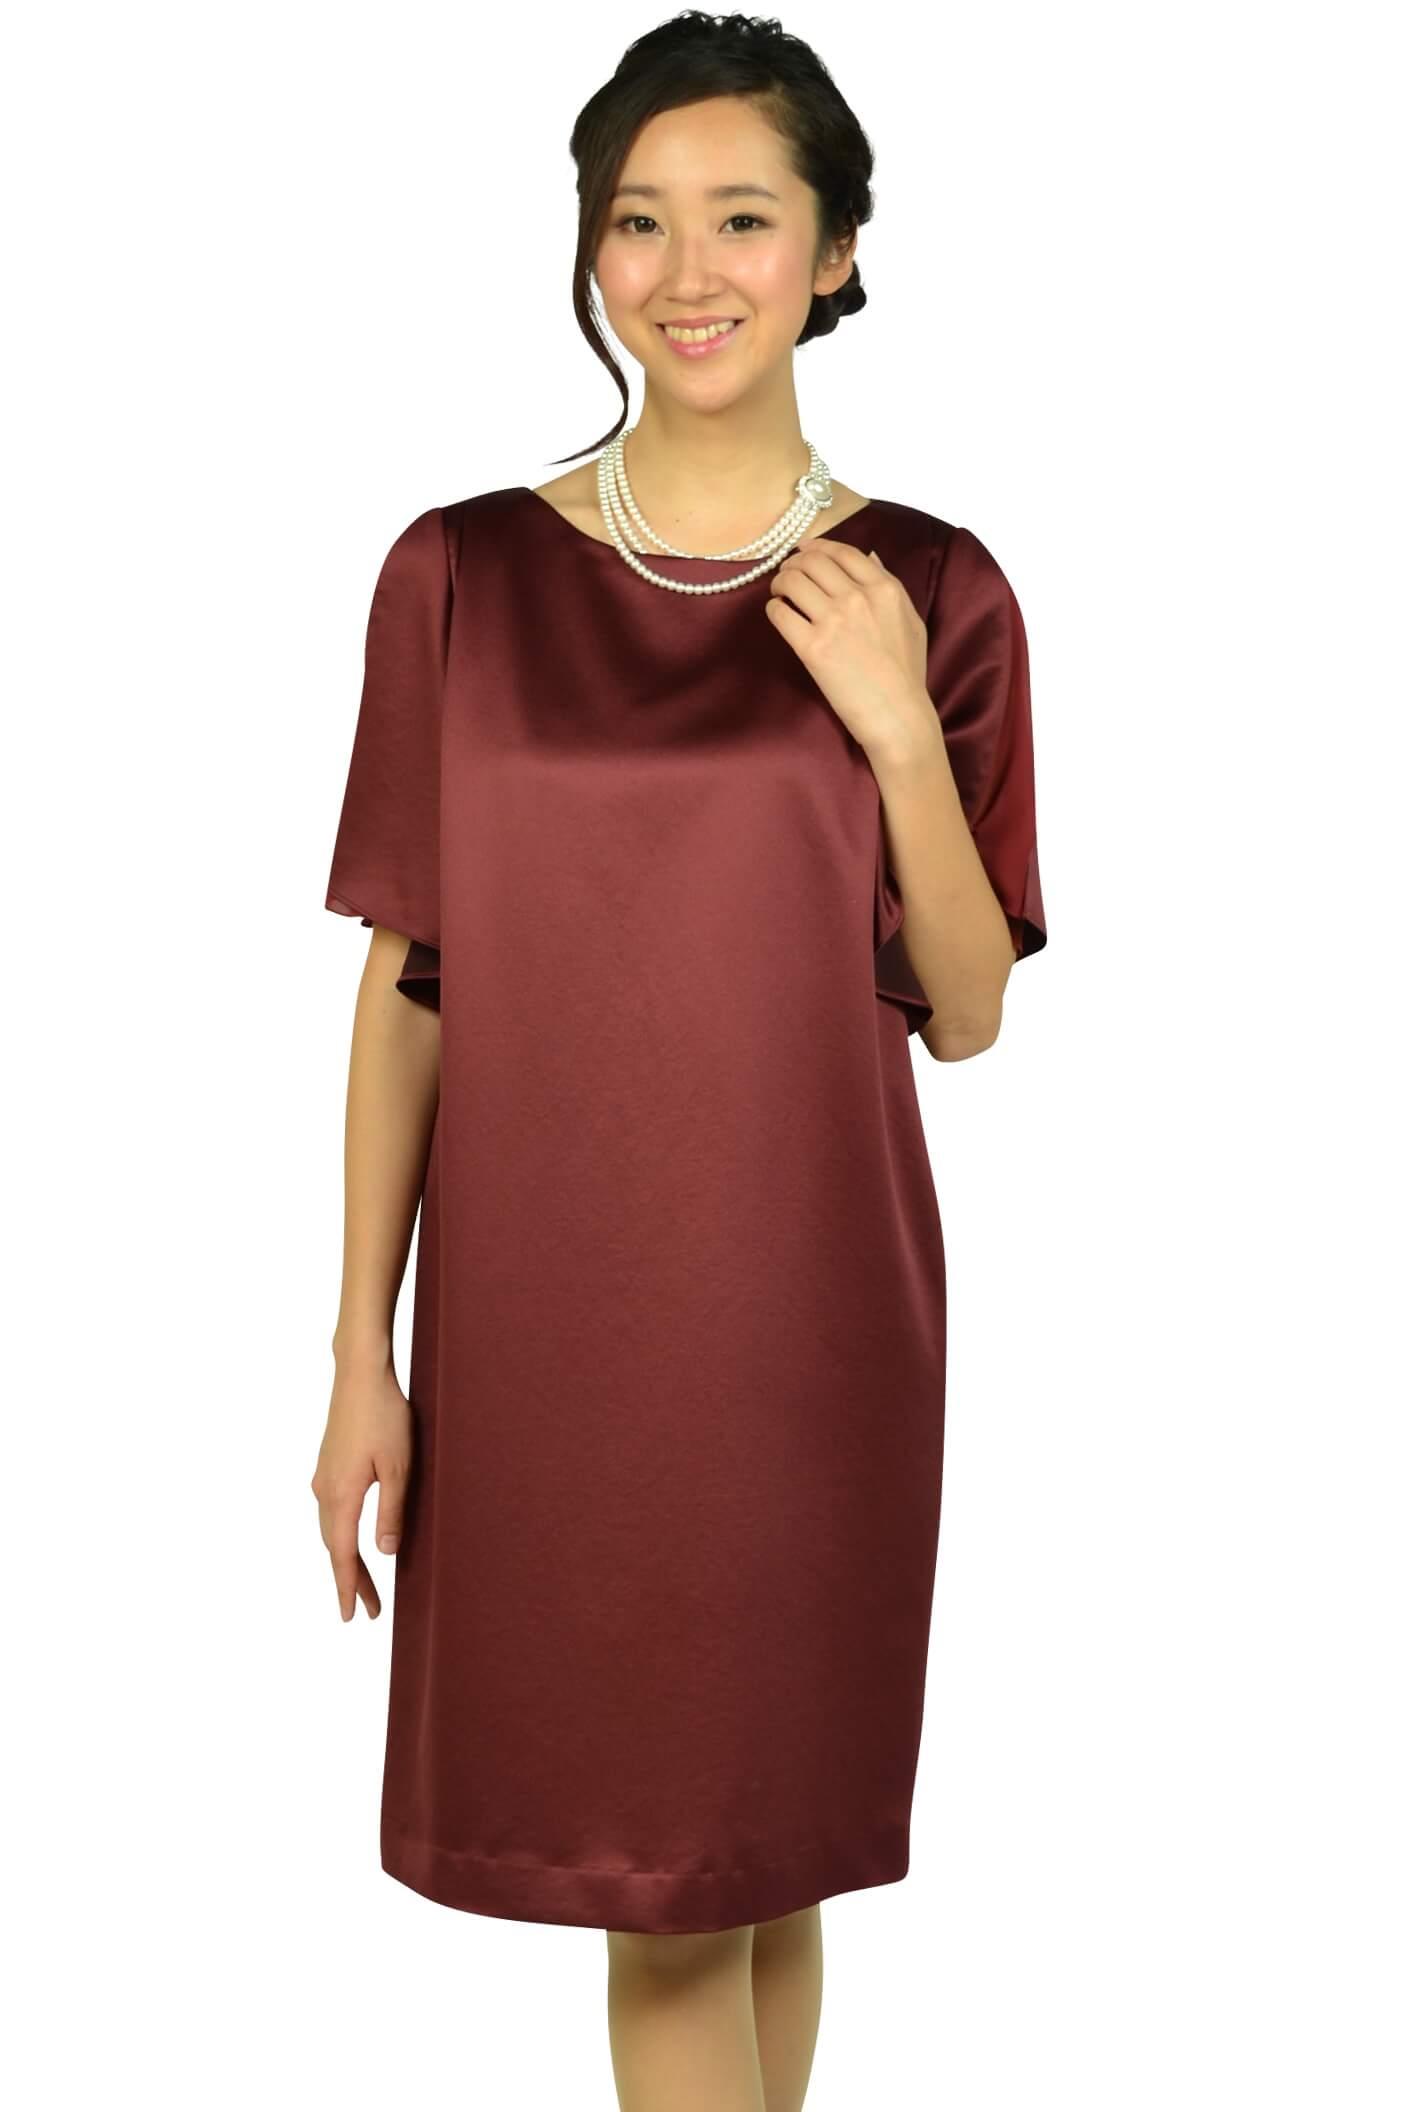 アンタイトル(UNTITLED)光沢ボルドーゆったりドレス